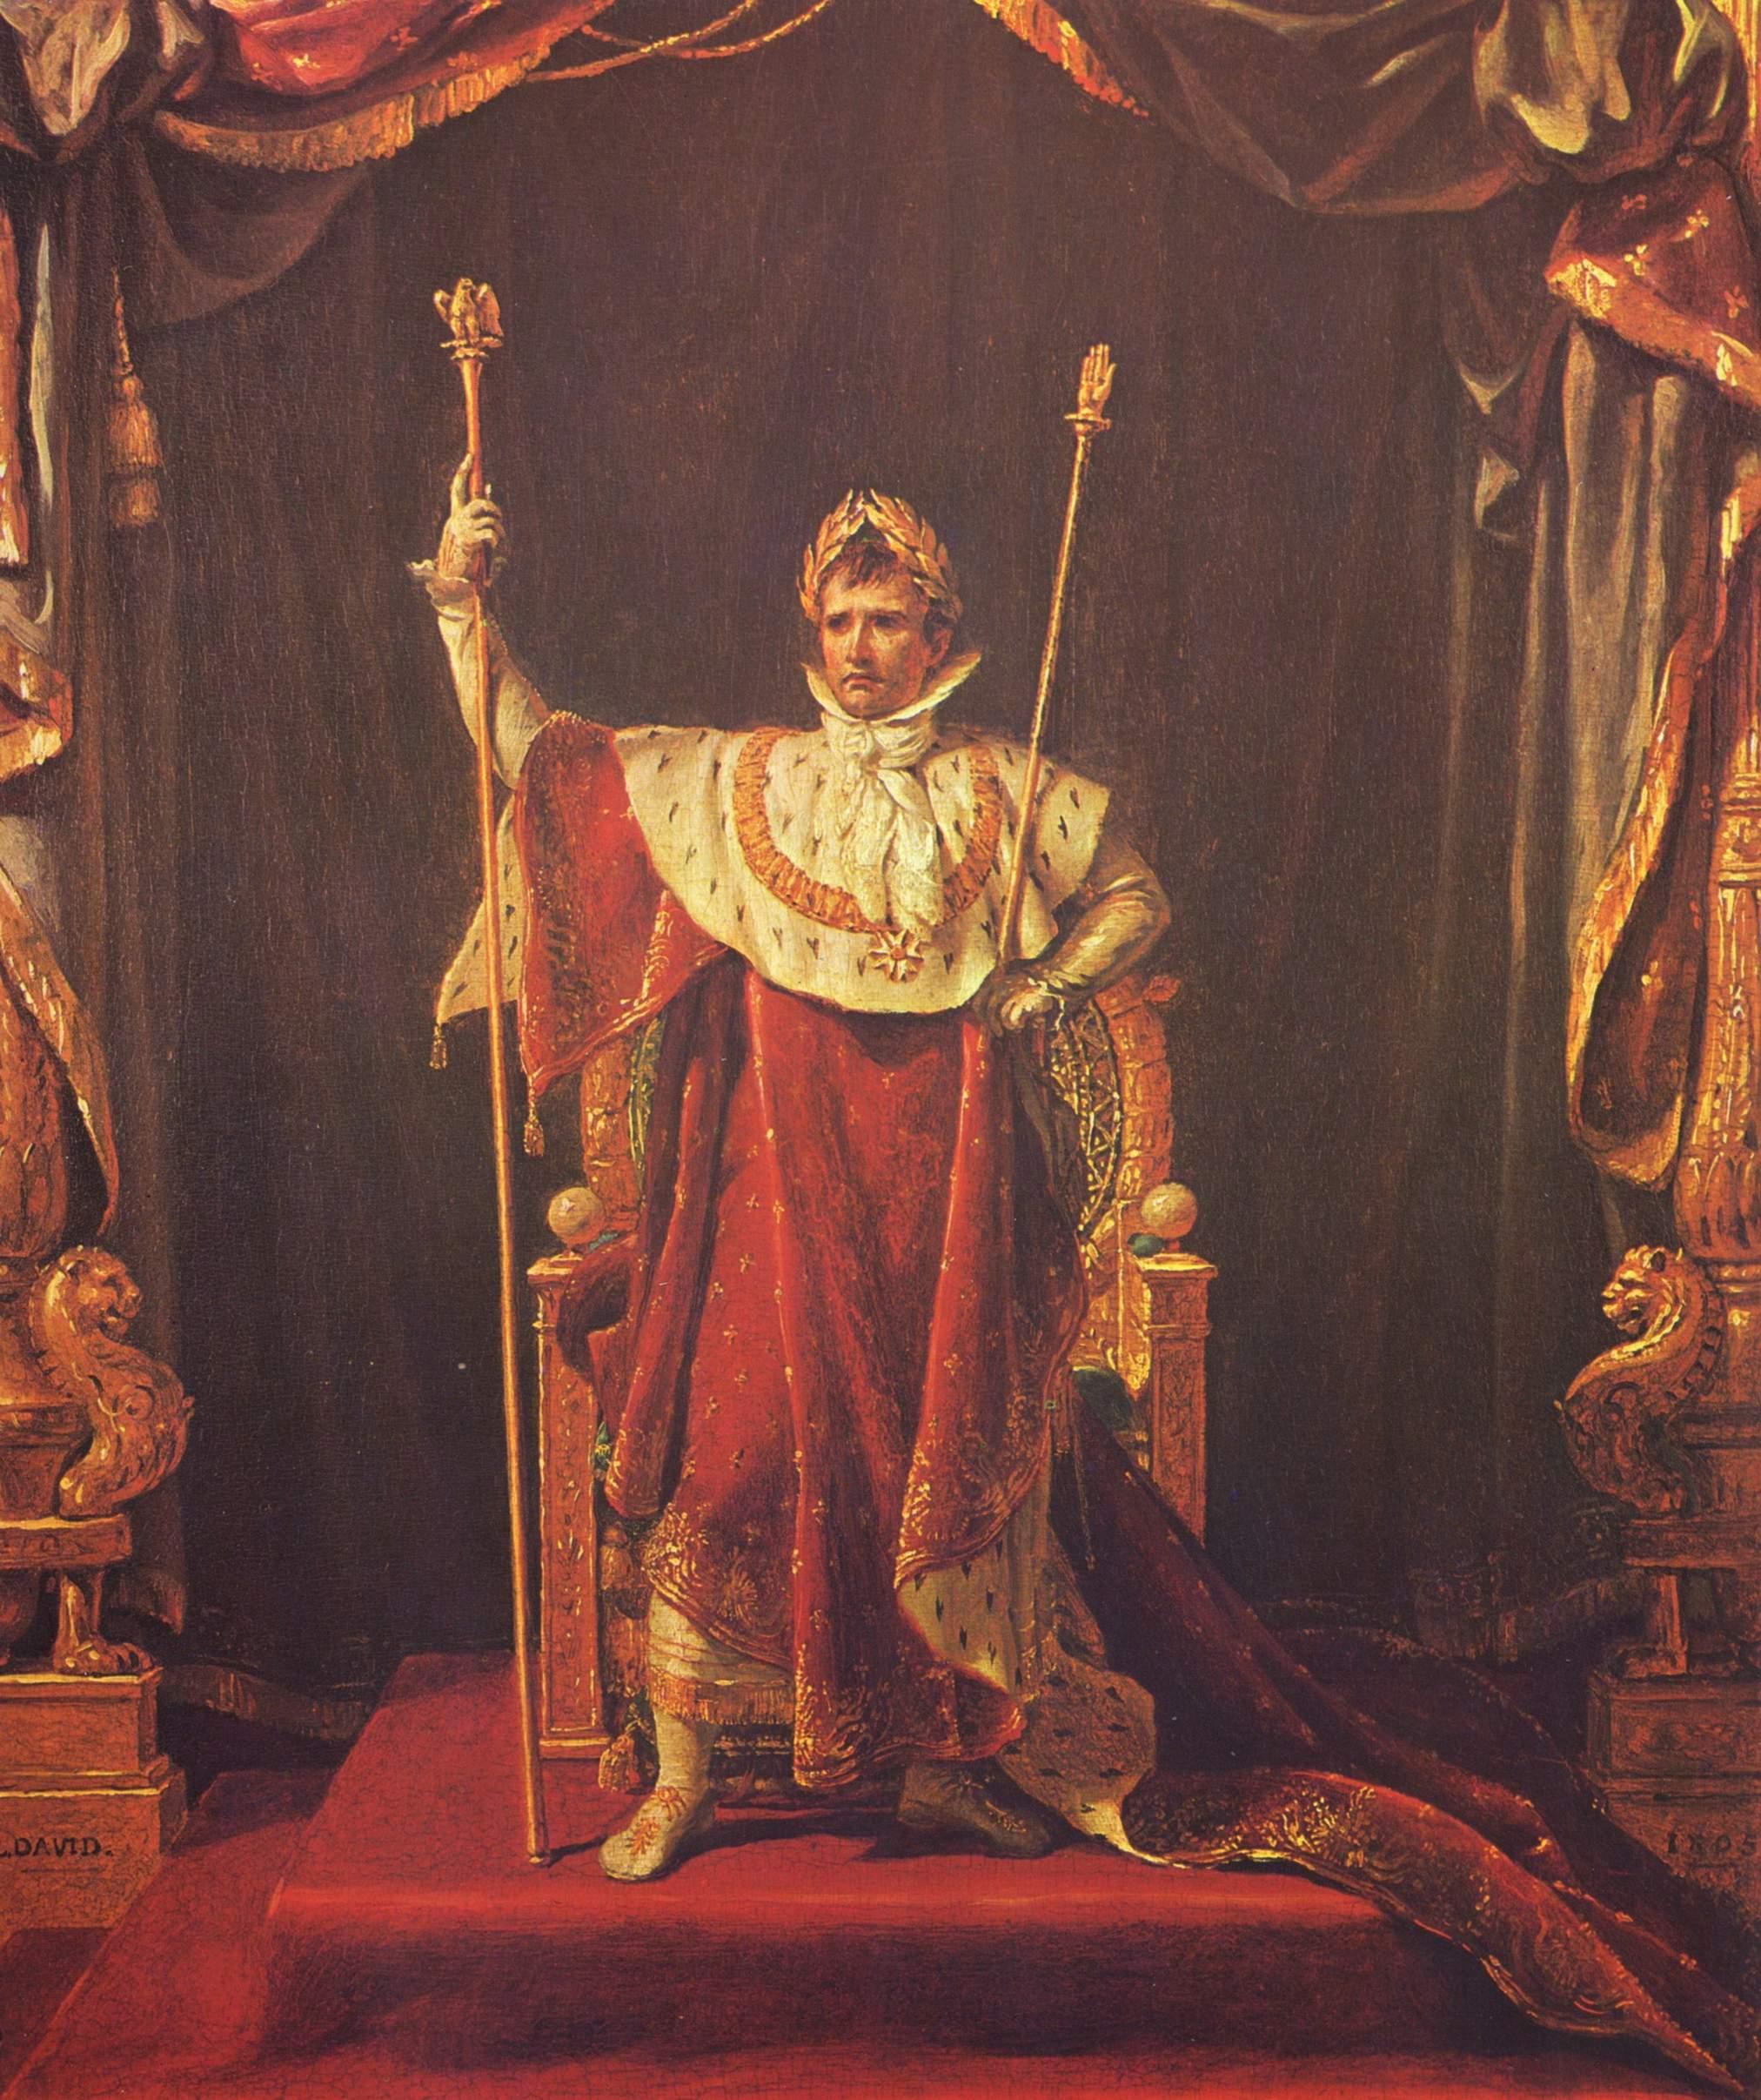 Наполеон в облачении императора, Жак - Луи Давид